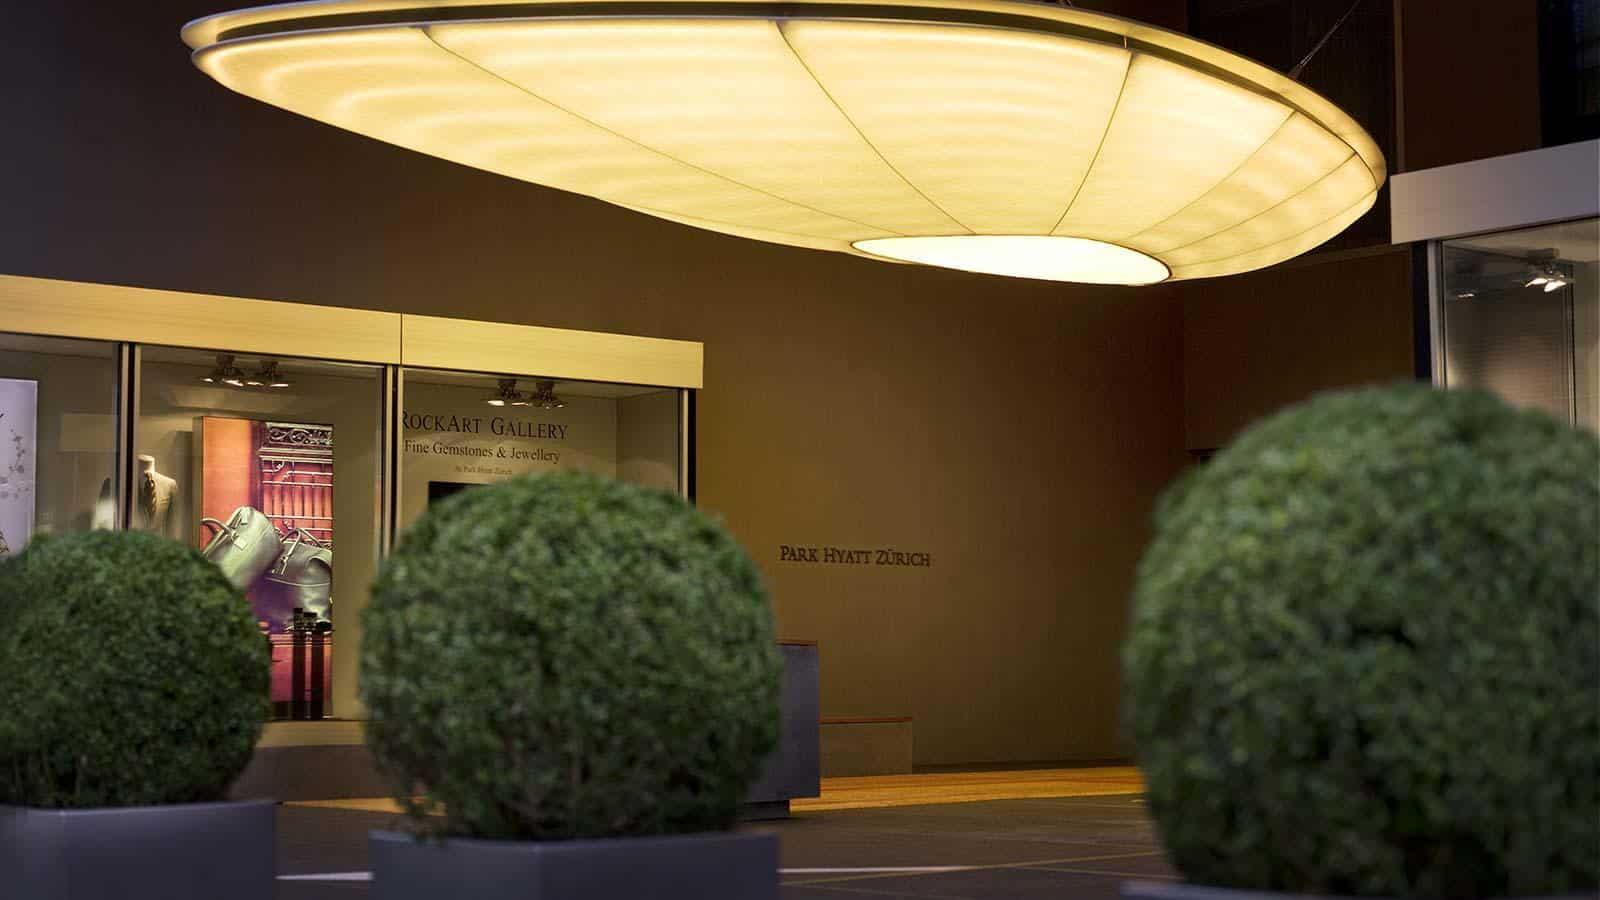 park-hyatt-zurich-entrance-door